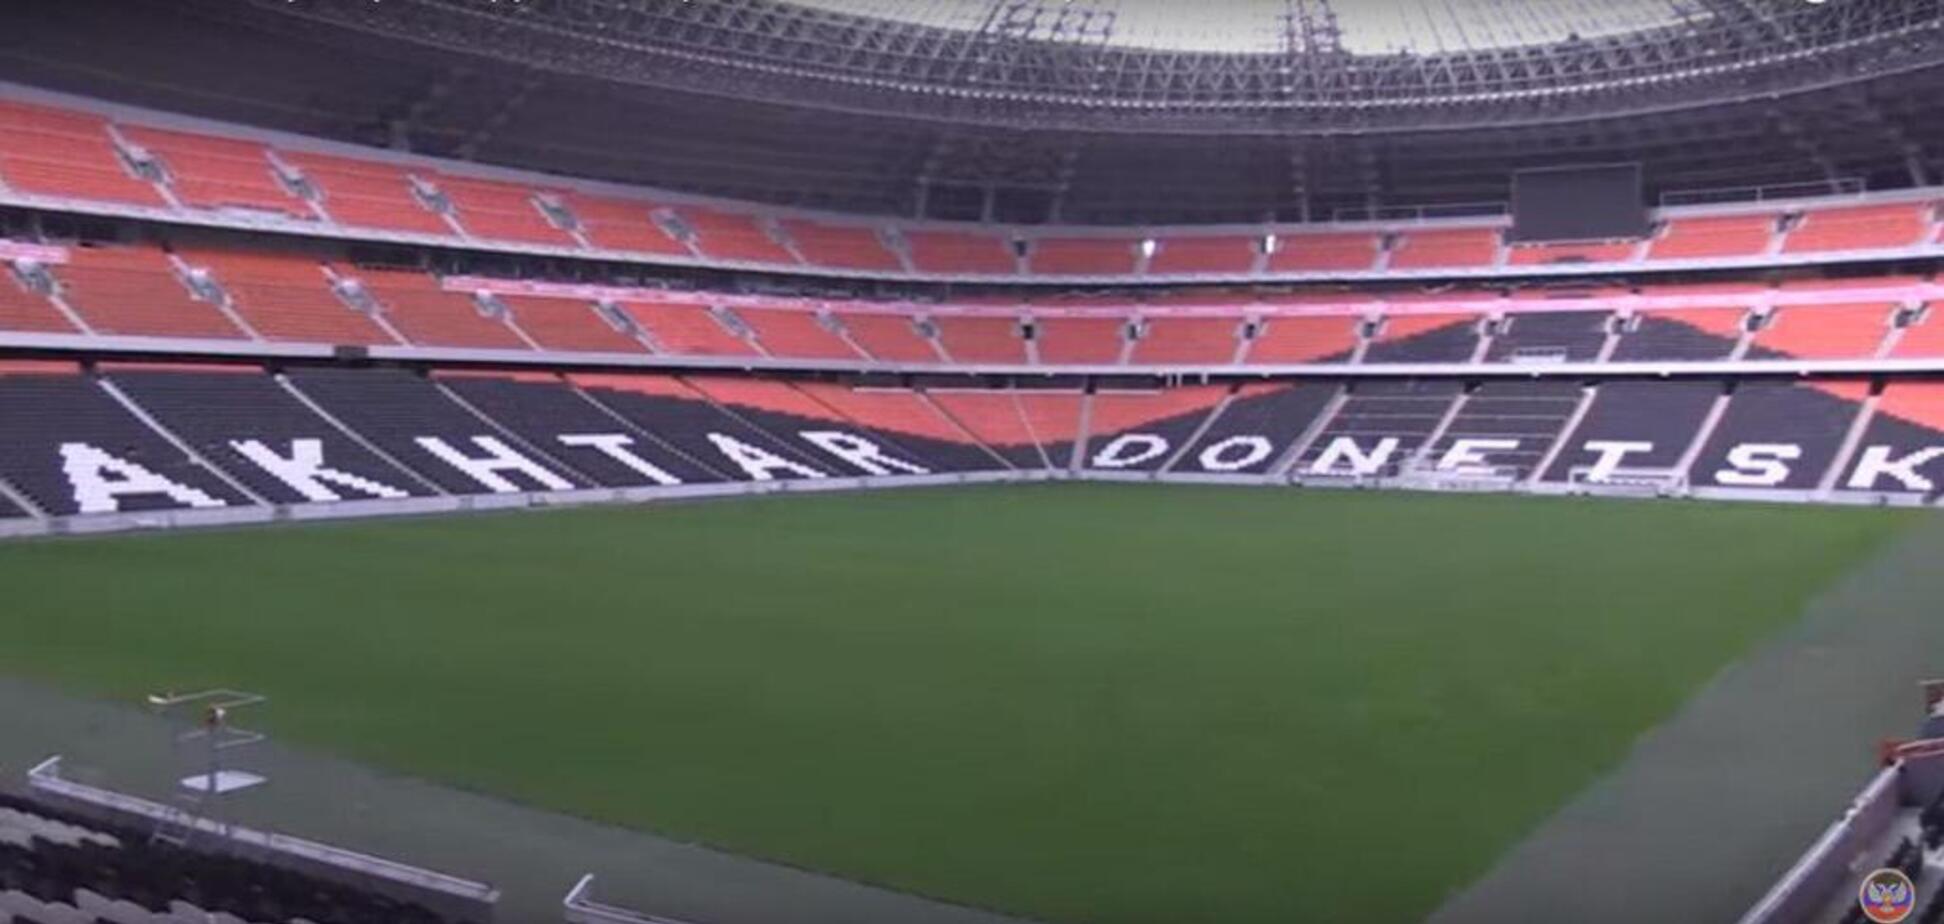 10 років 'Донбас Арені': як зараз виглядає стадіон 'Шахтаря'